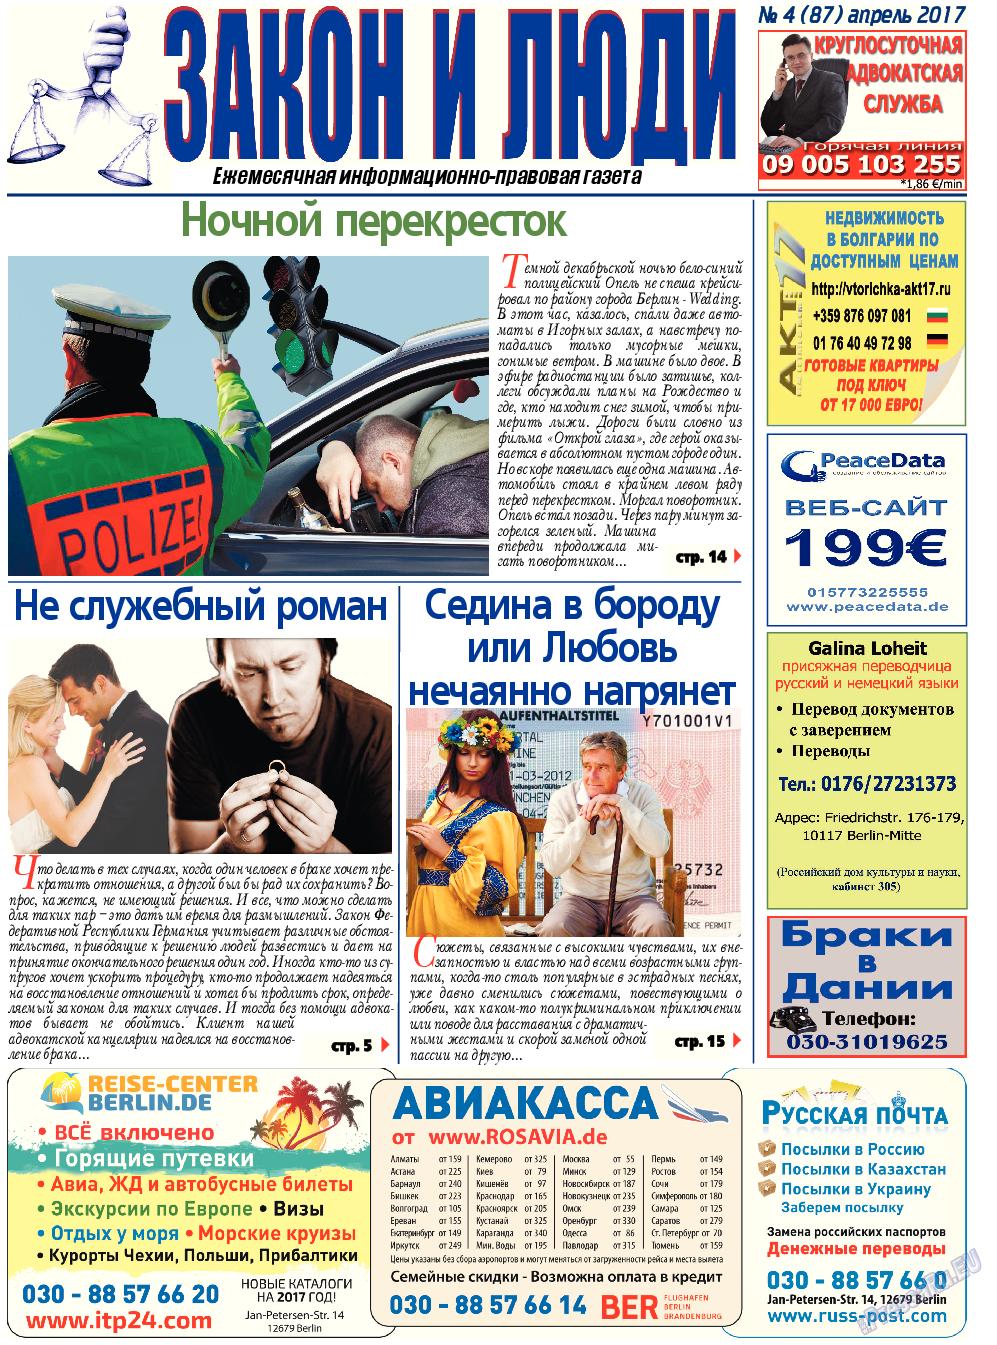 Закон и люди (газета). 2017 год, номер 4, стр. 1